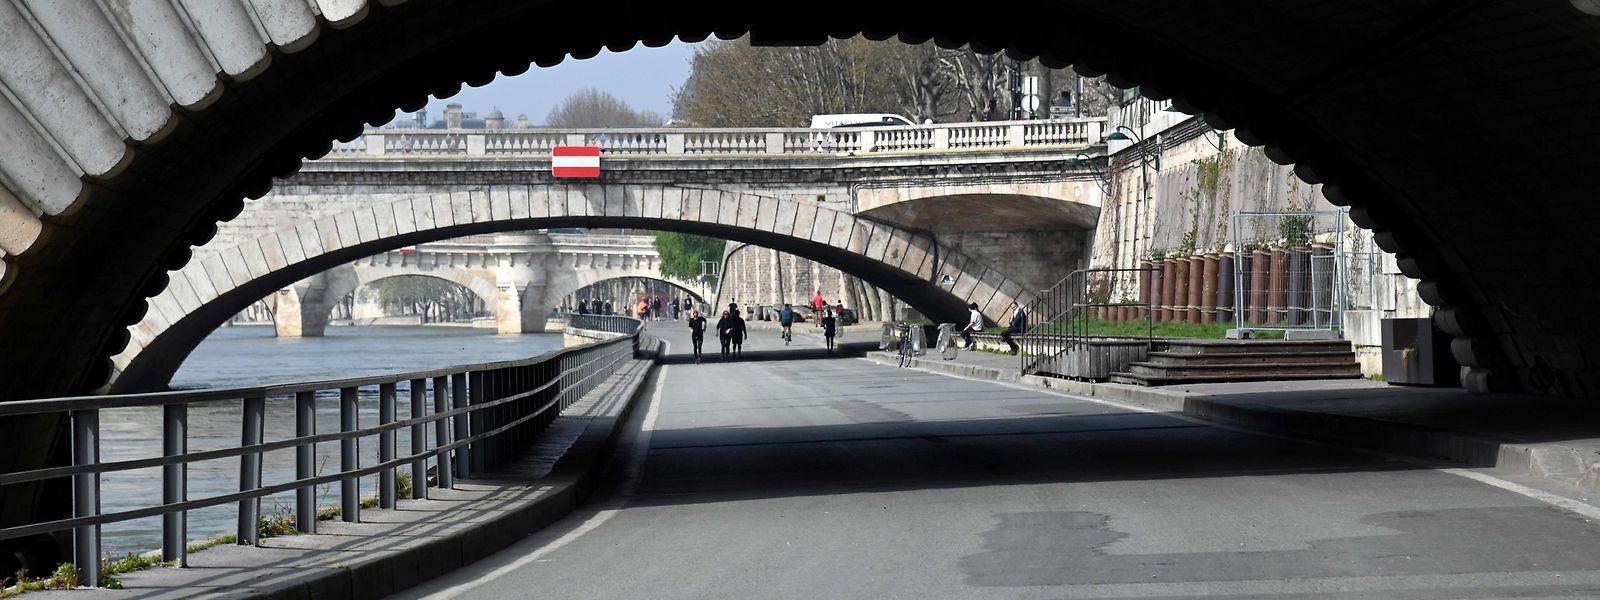 Contrairement à d'habitude, les rues de Paris semblent étrangement calmes. Certains médecins prônent pour renforcer le confinement.